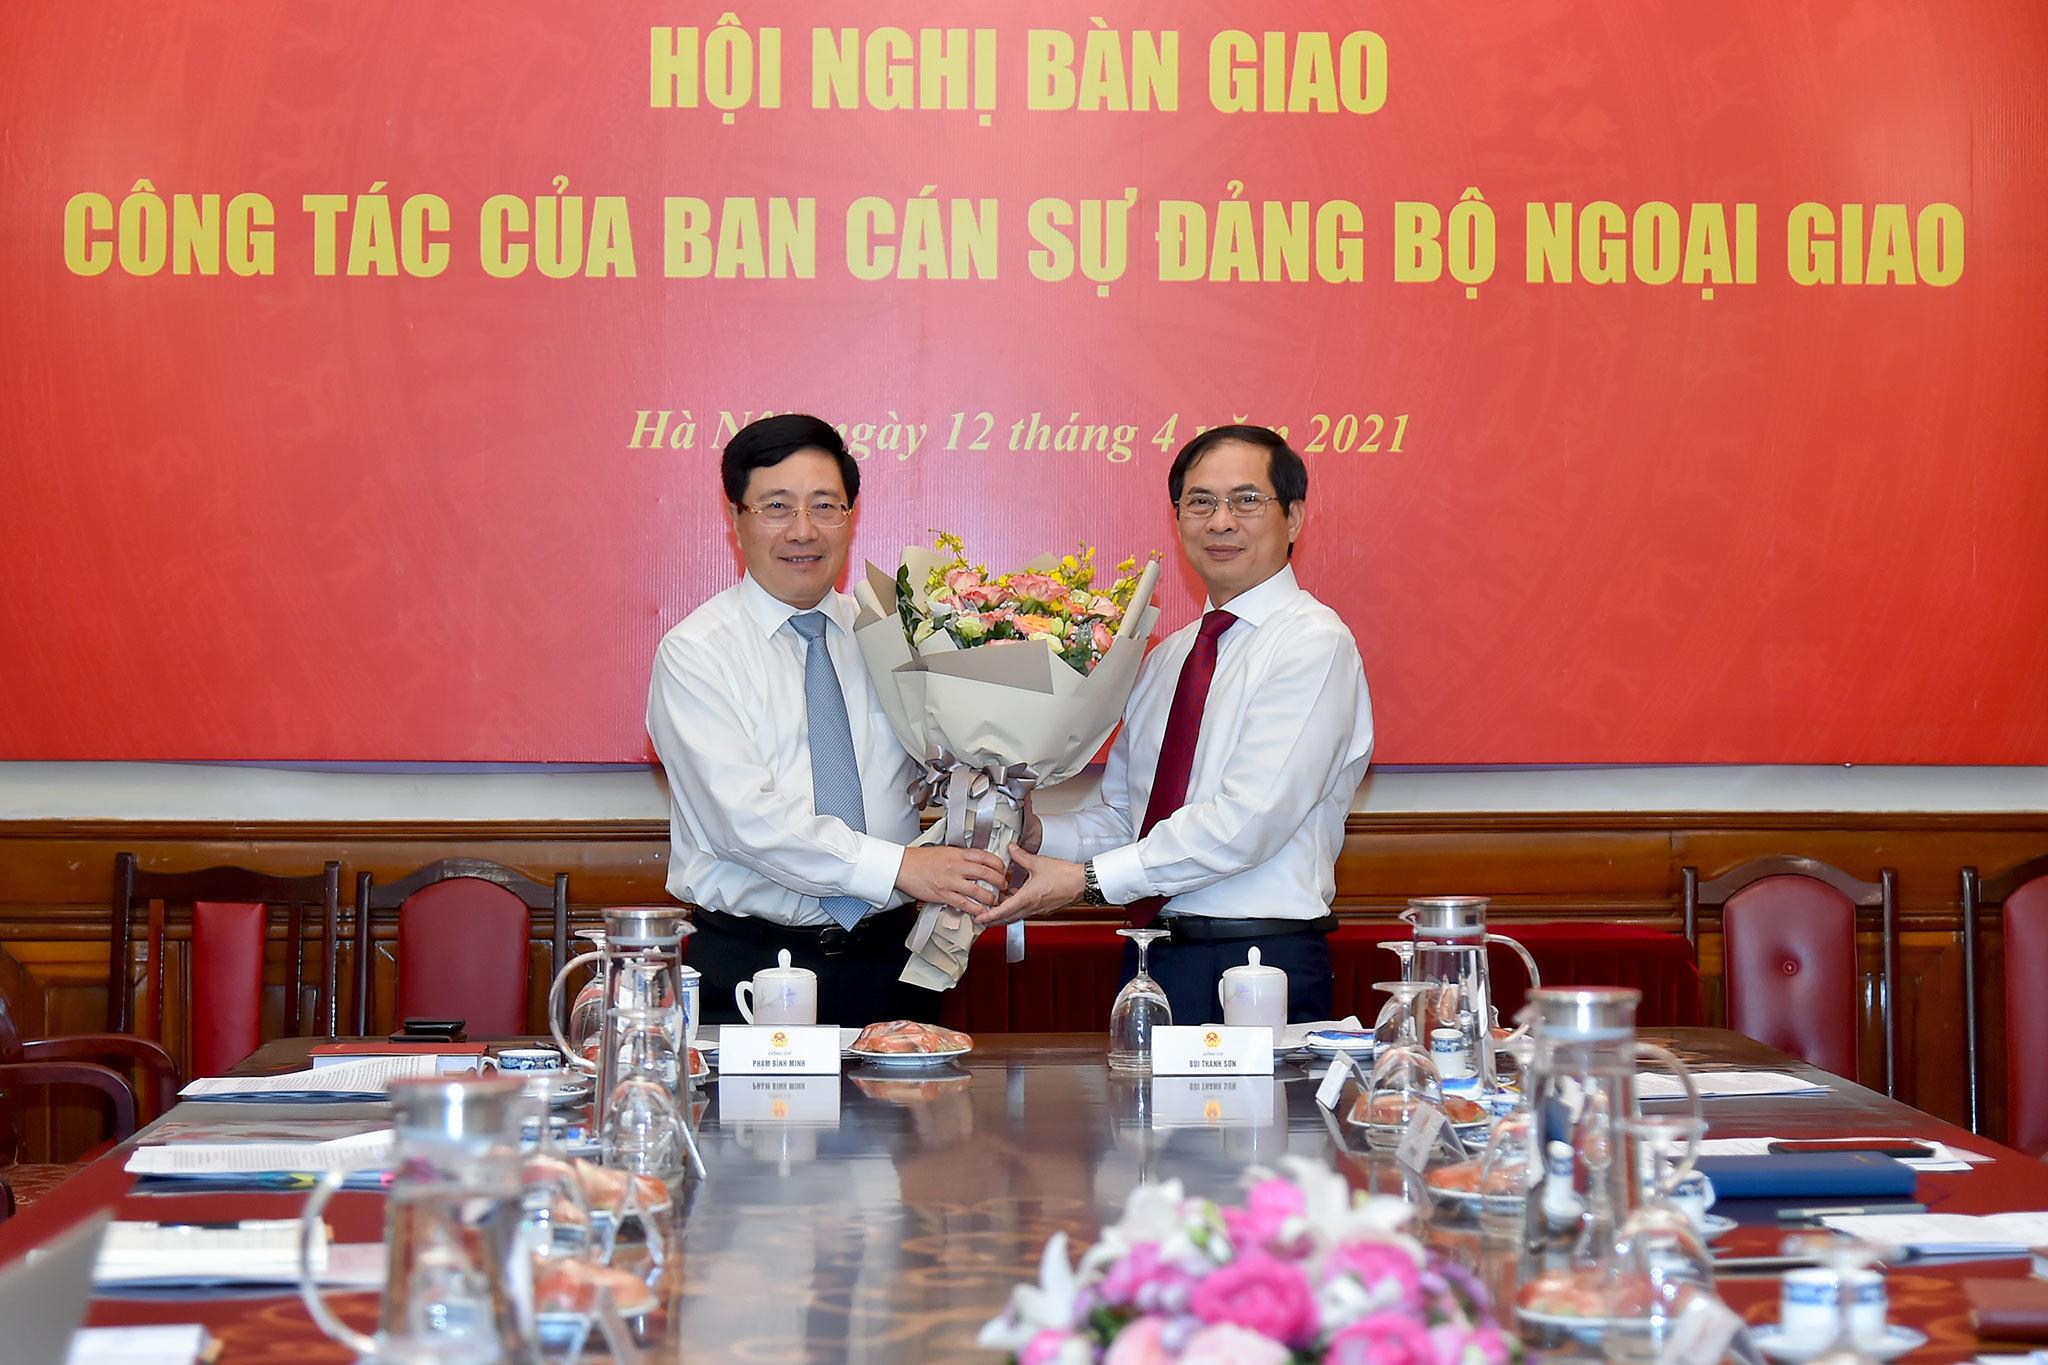 Phó Thủ tướng chia sẻ tình cảm sâu đậm trong 40 năm làm ngoại giao